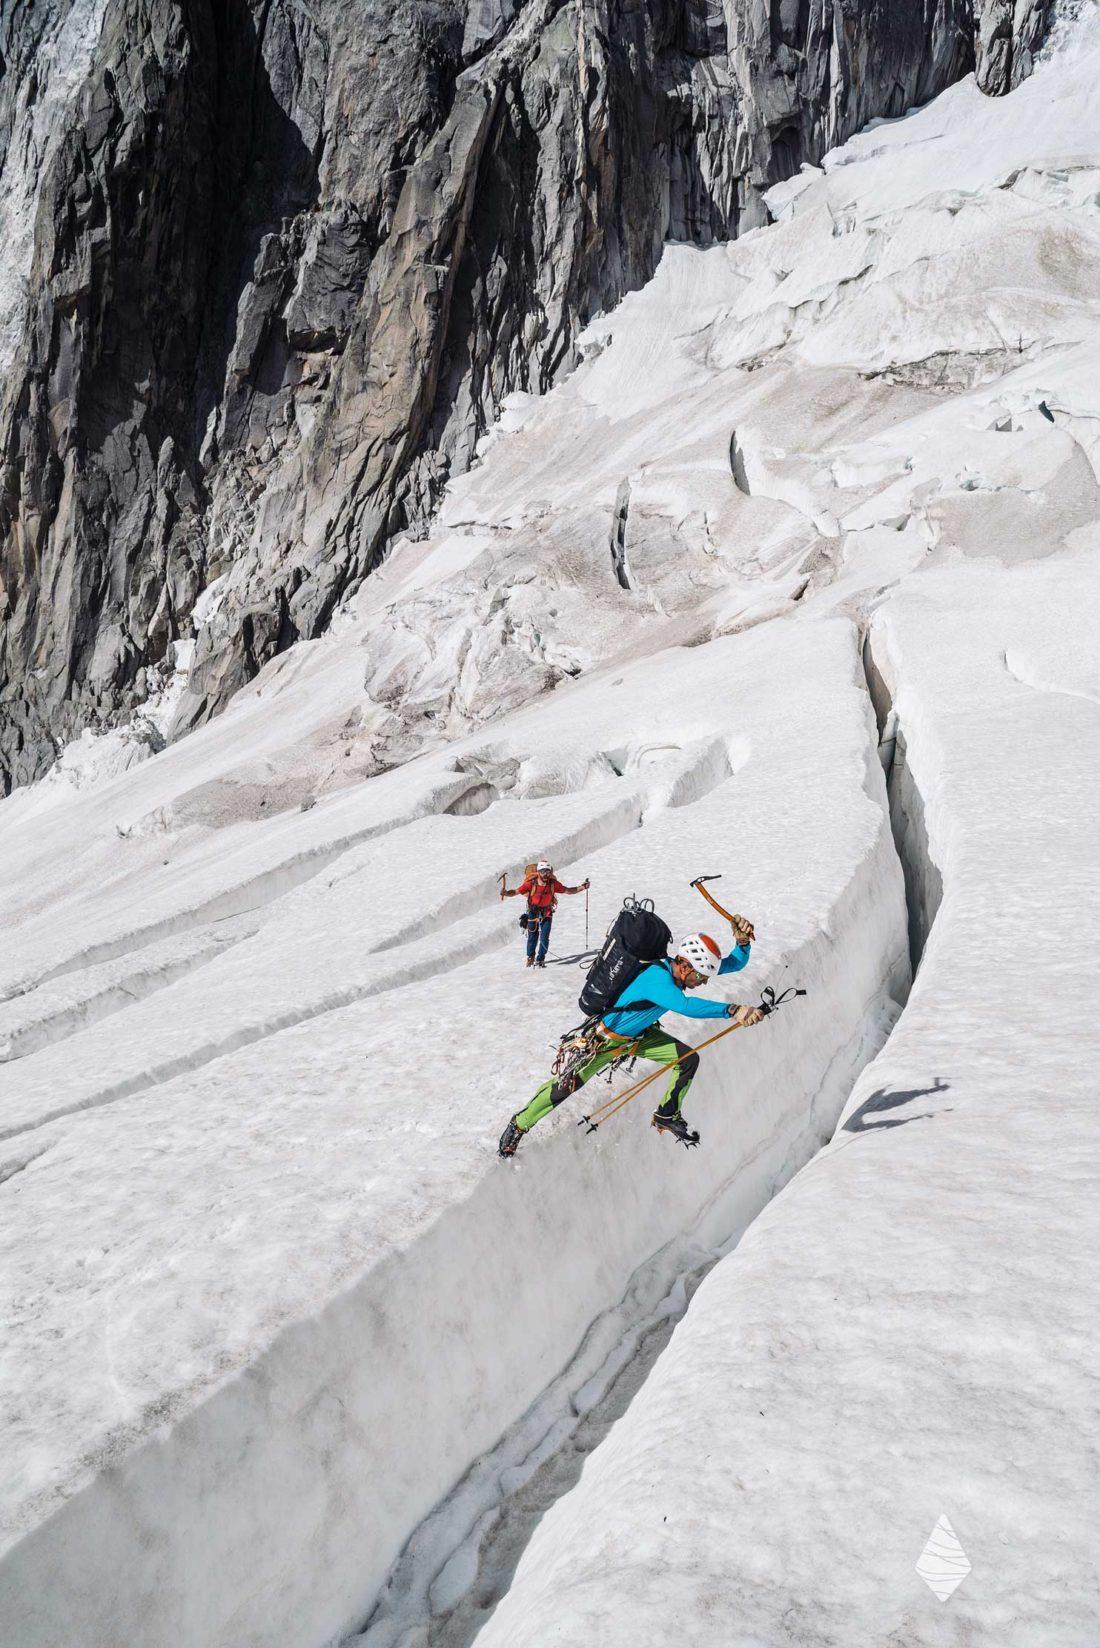 Photo d'un alpiniste en train de sauter une crevasse dans le Massif du Mont-Blanc